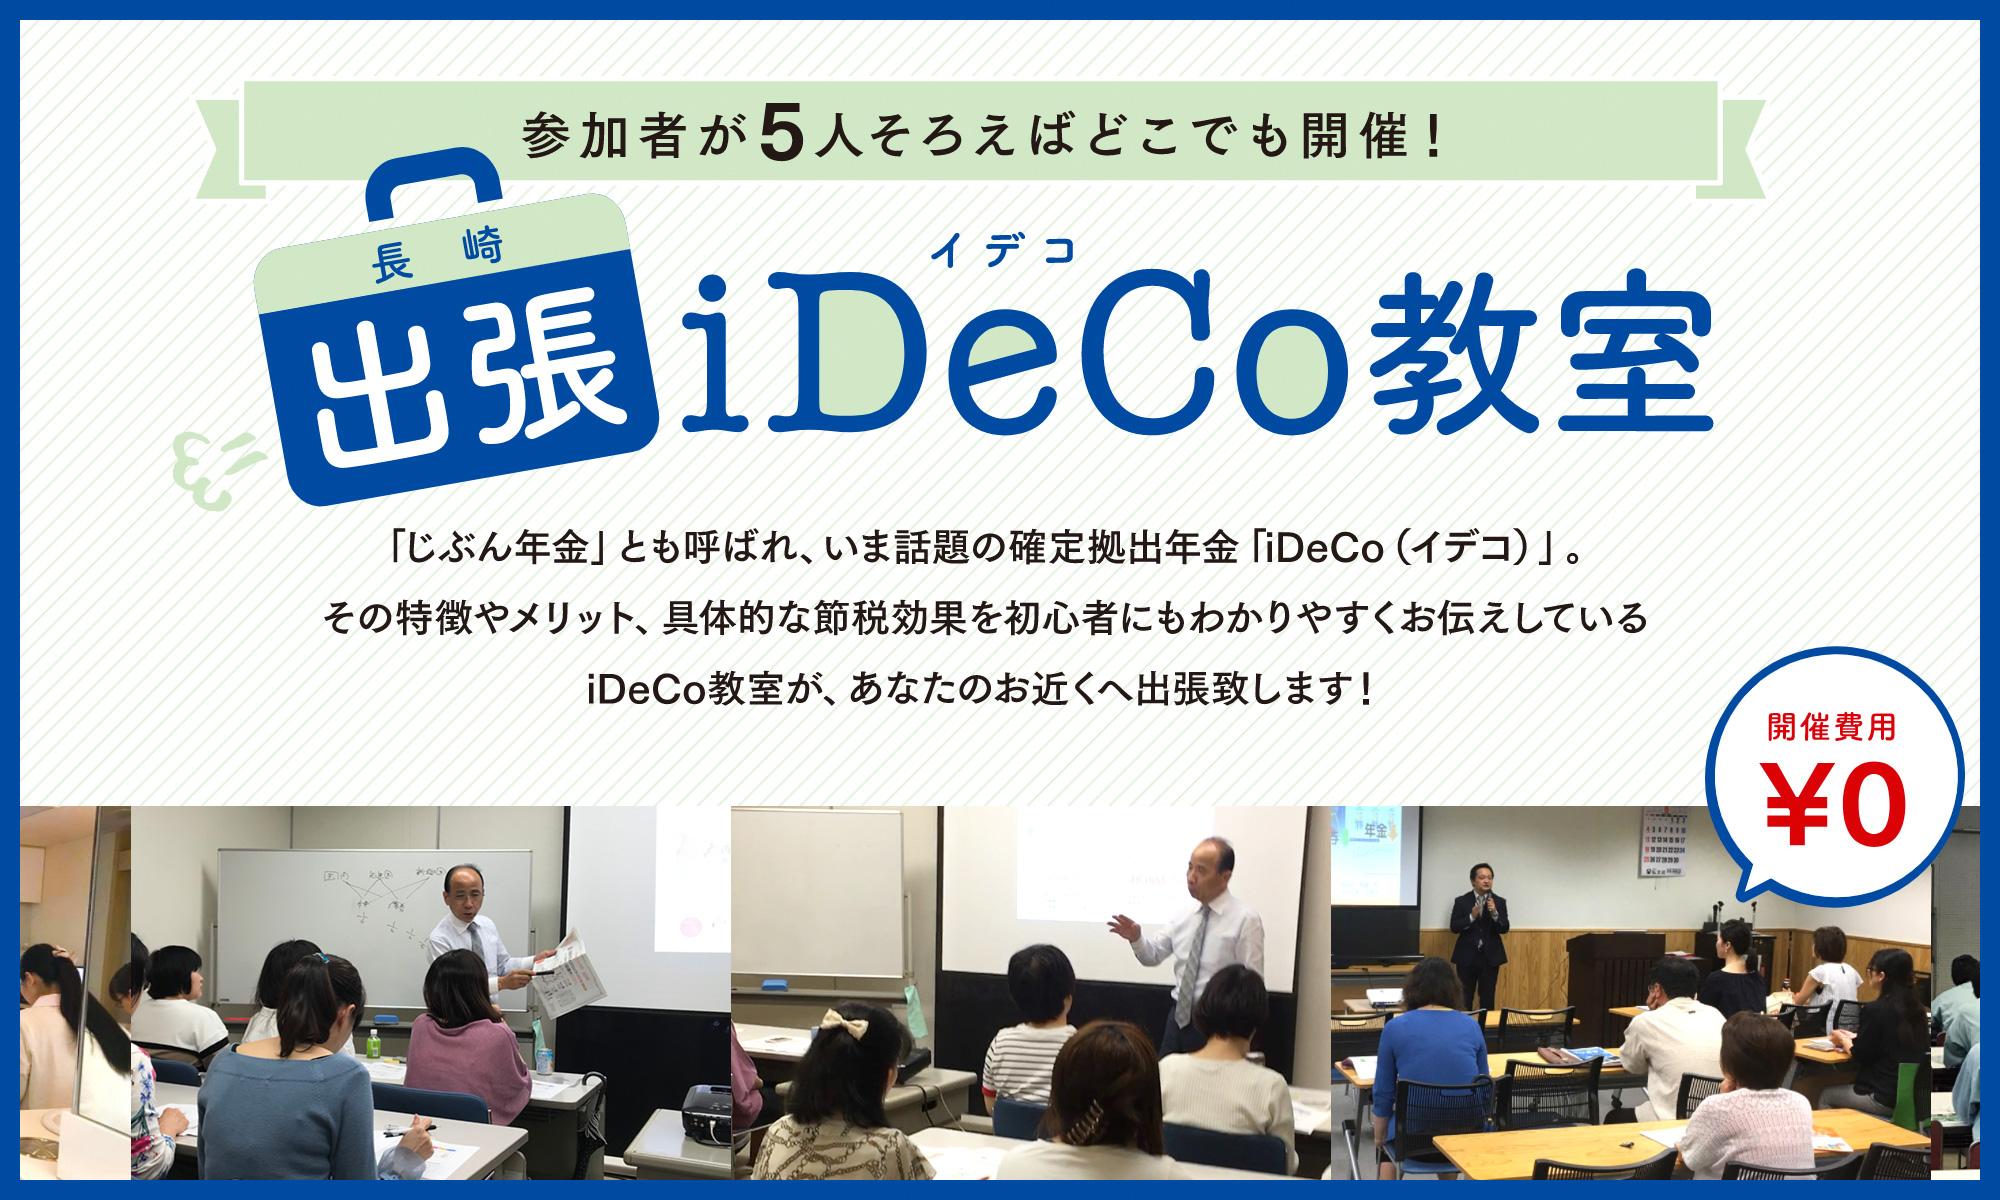 長崎 出張iDeCo教室